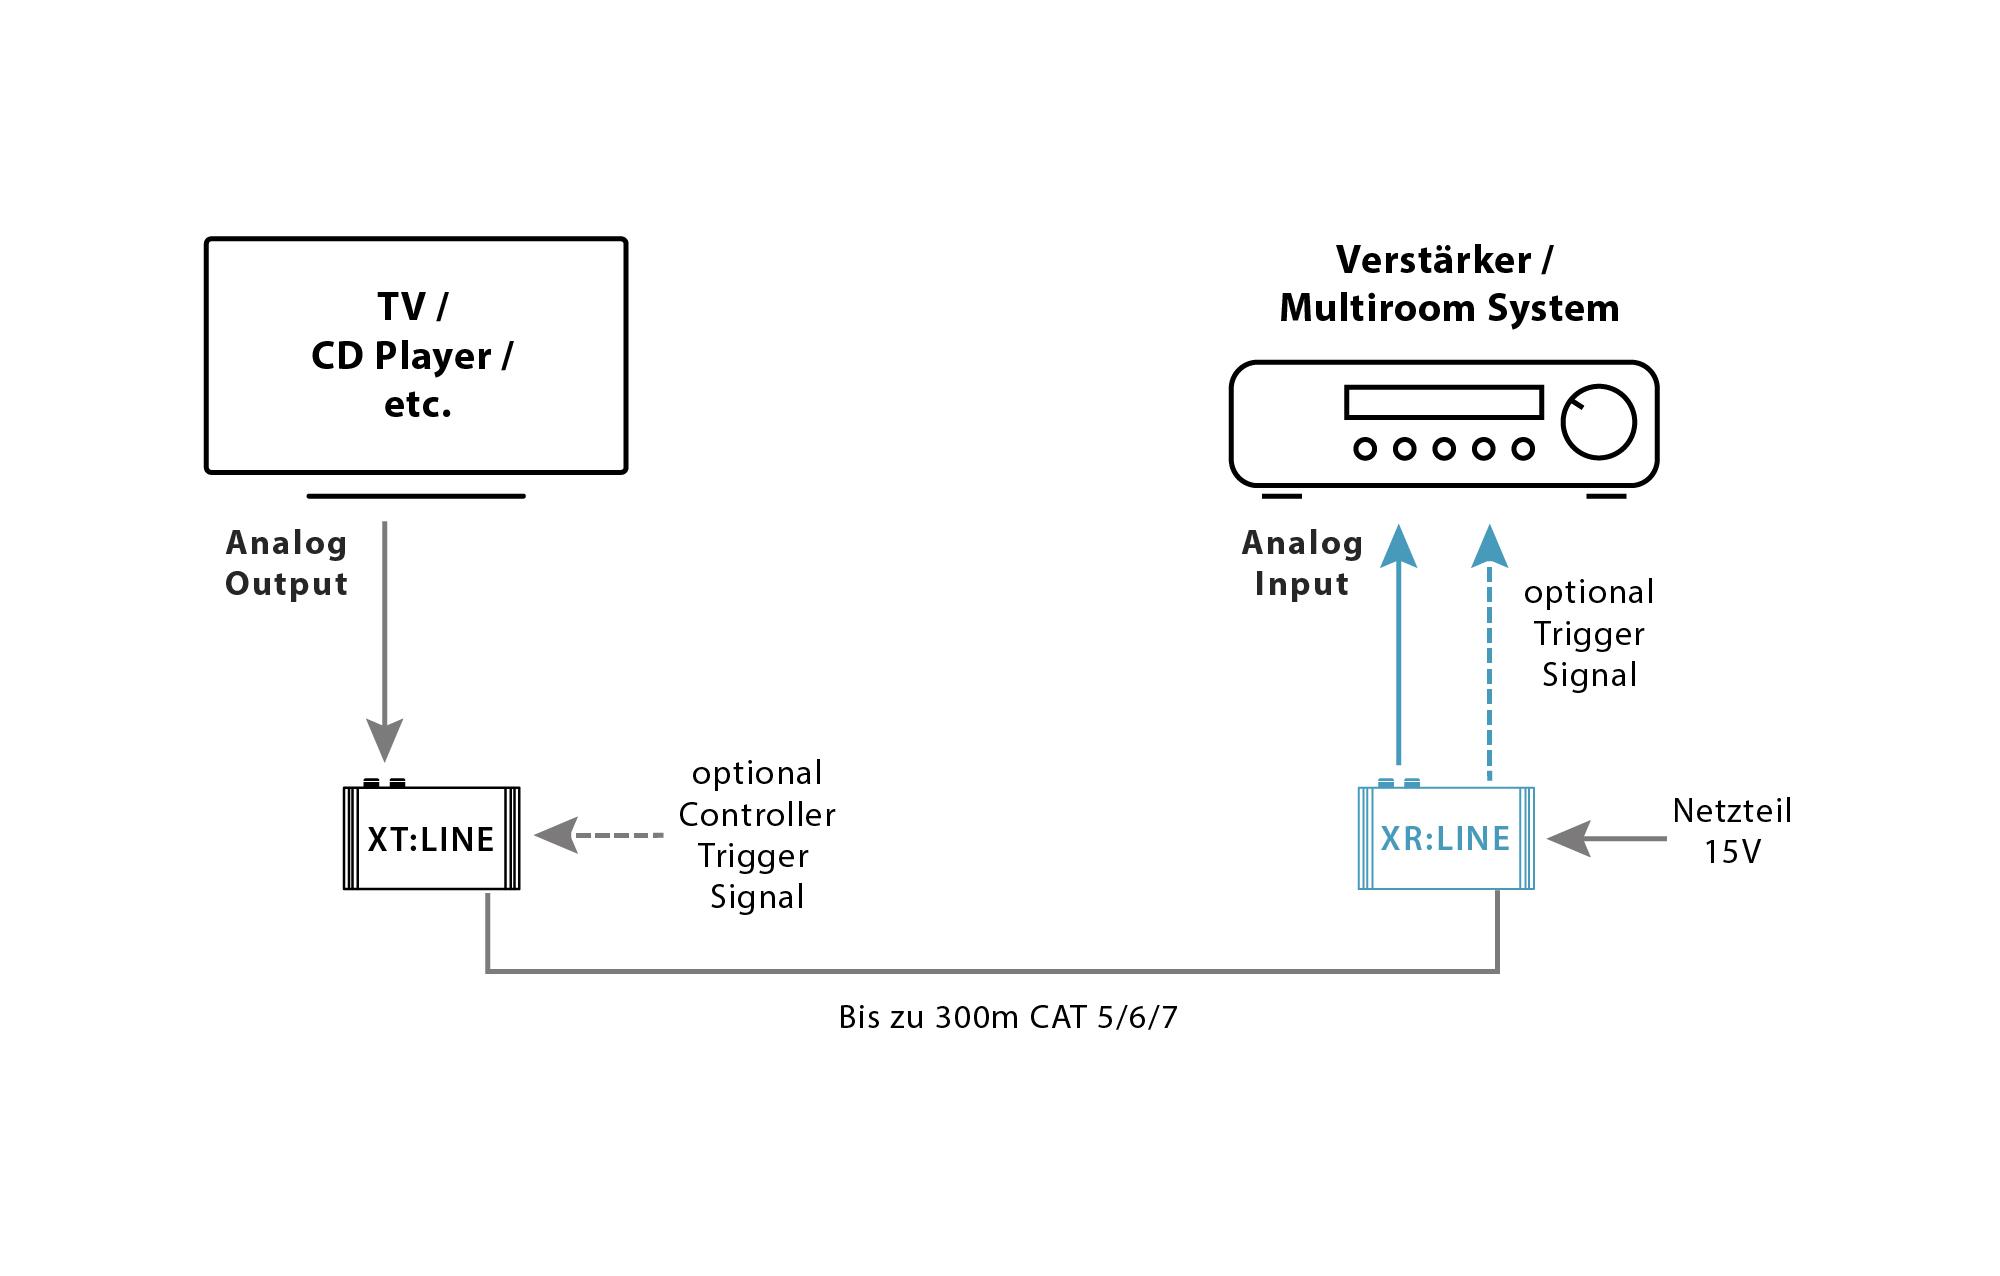 XR:LINE trivum Audio Receiver